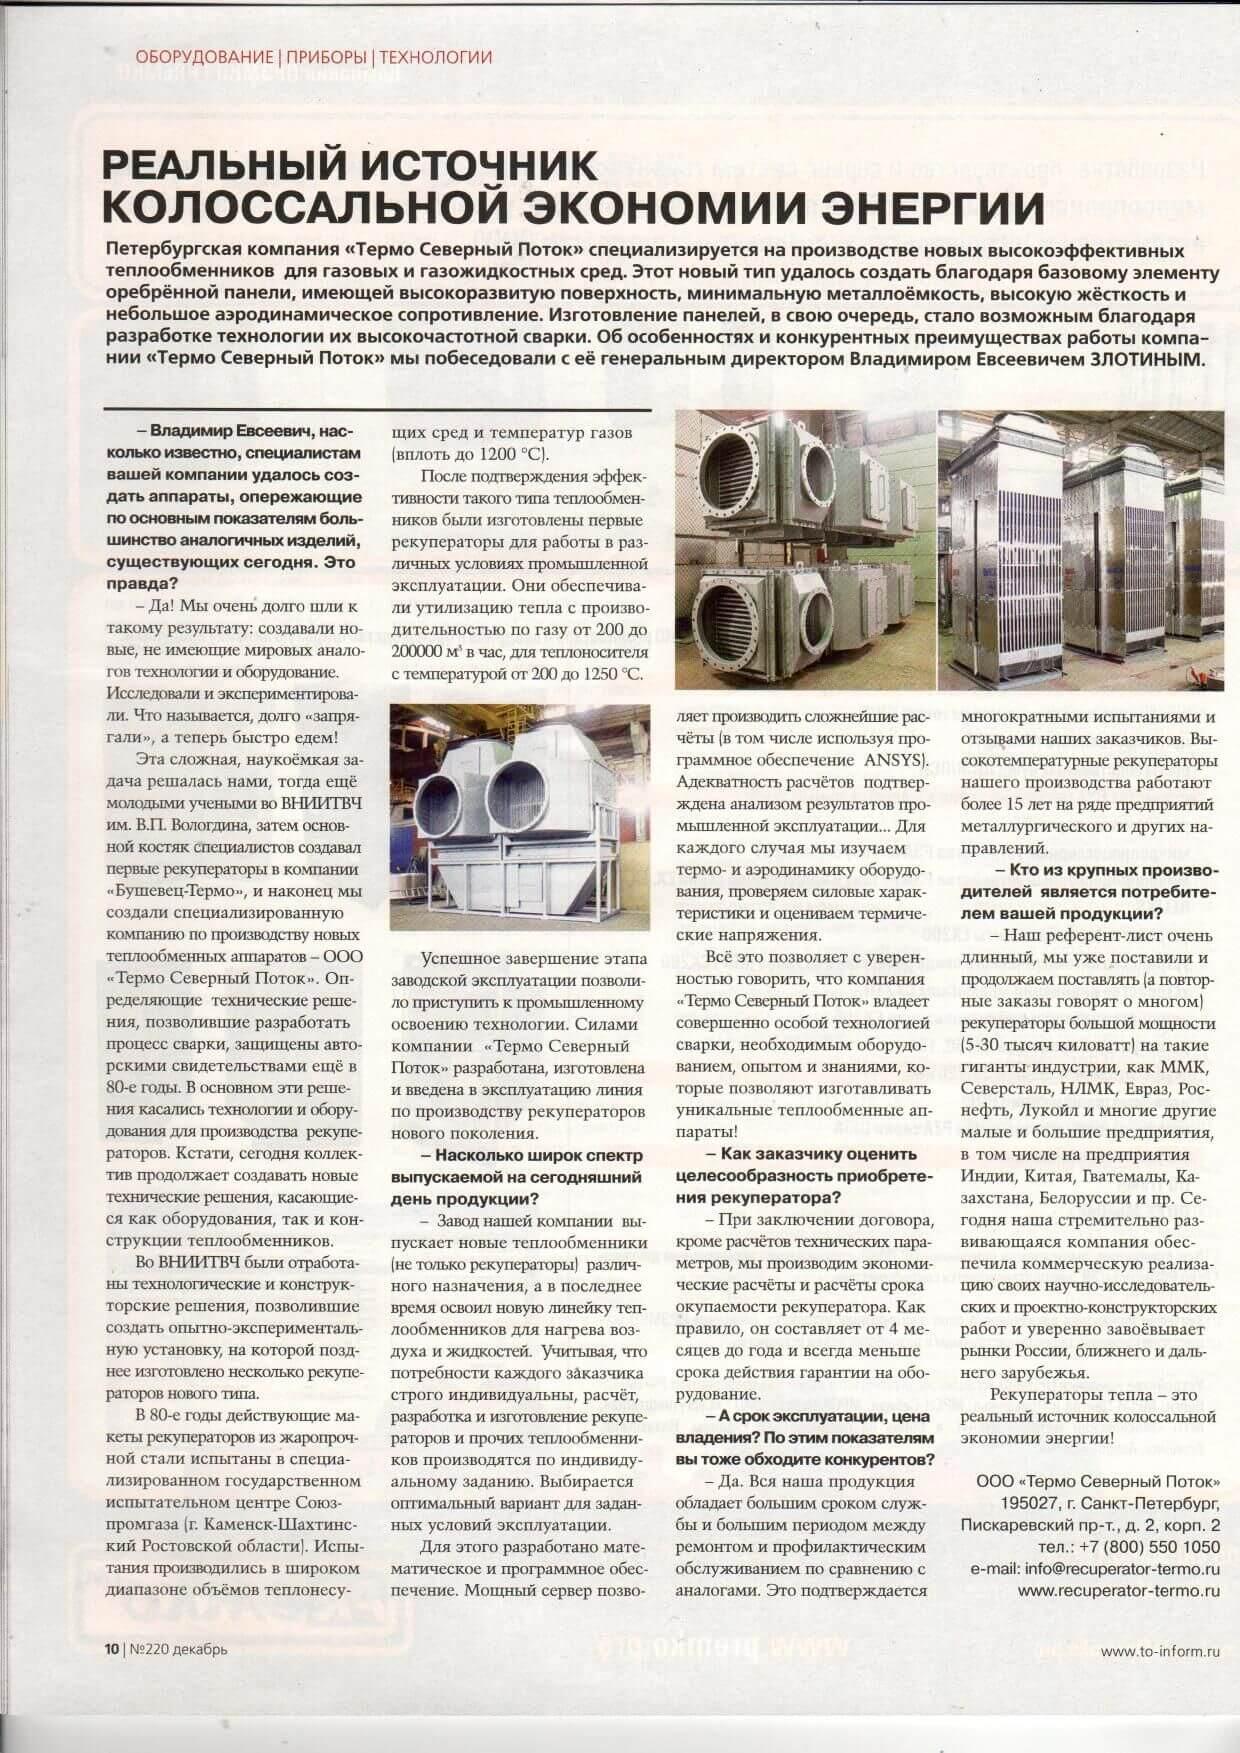 статья об экономии энергии